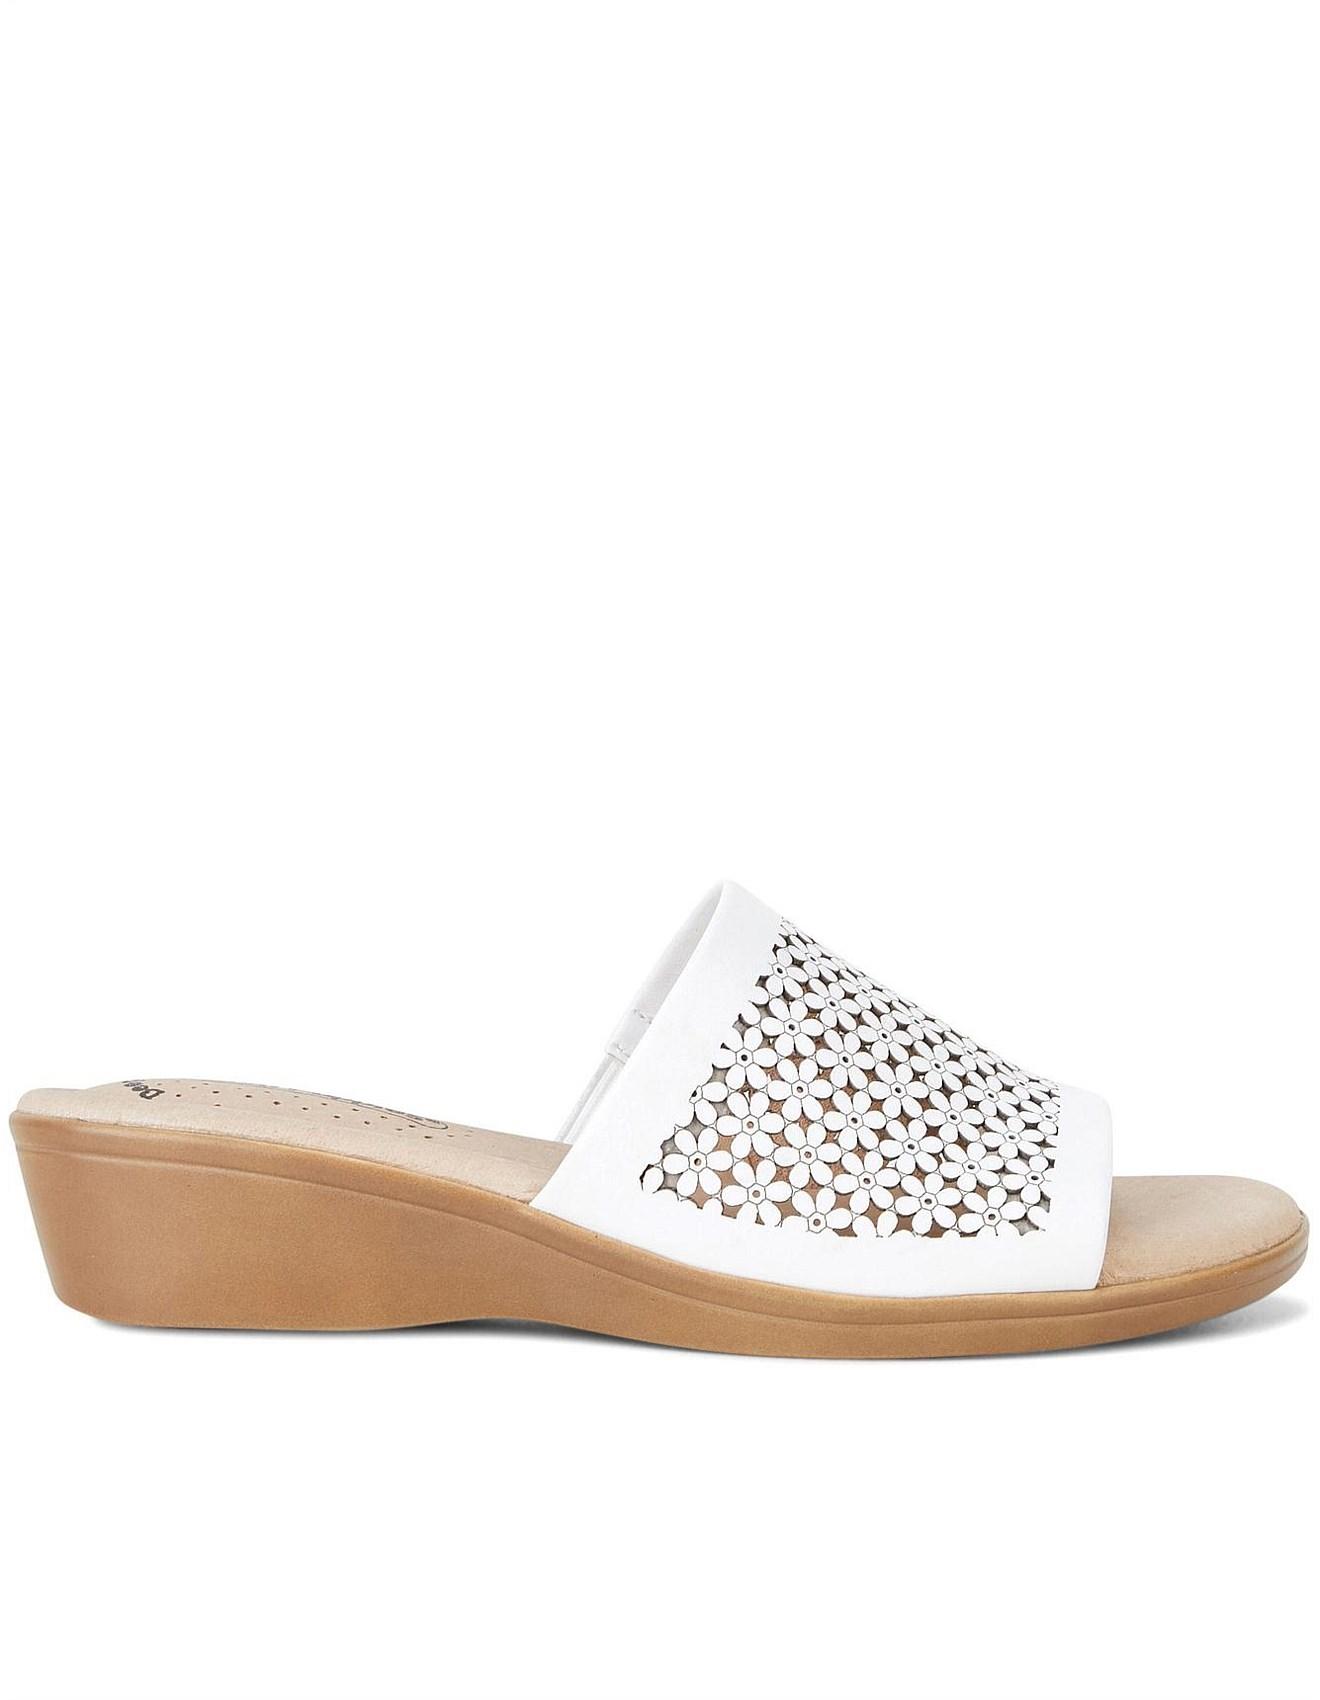 e42e9f9c0 Women s Shoes